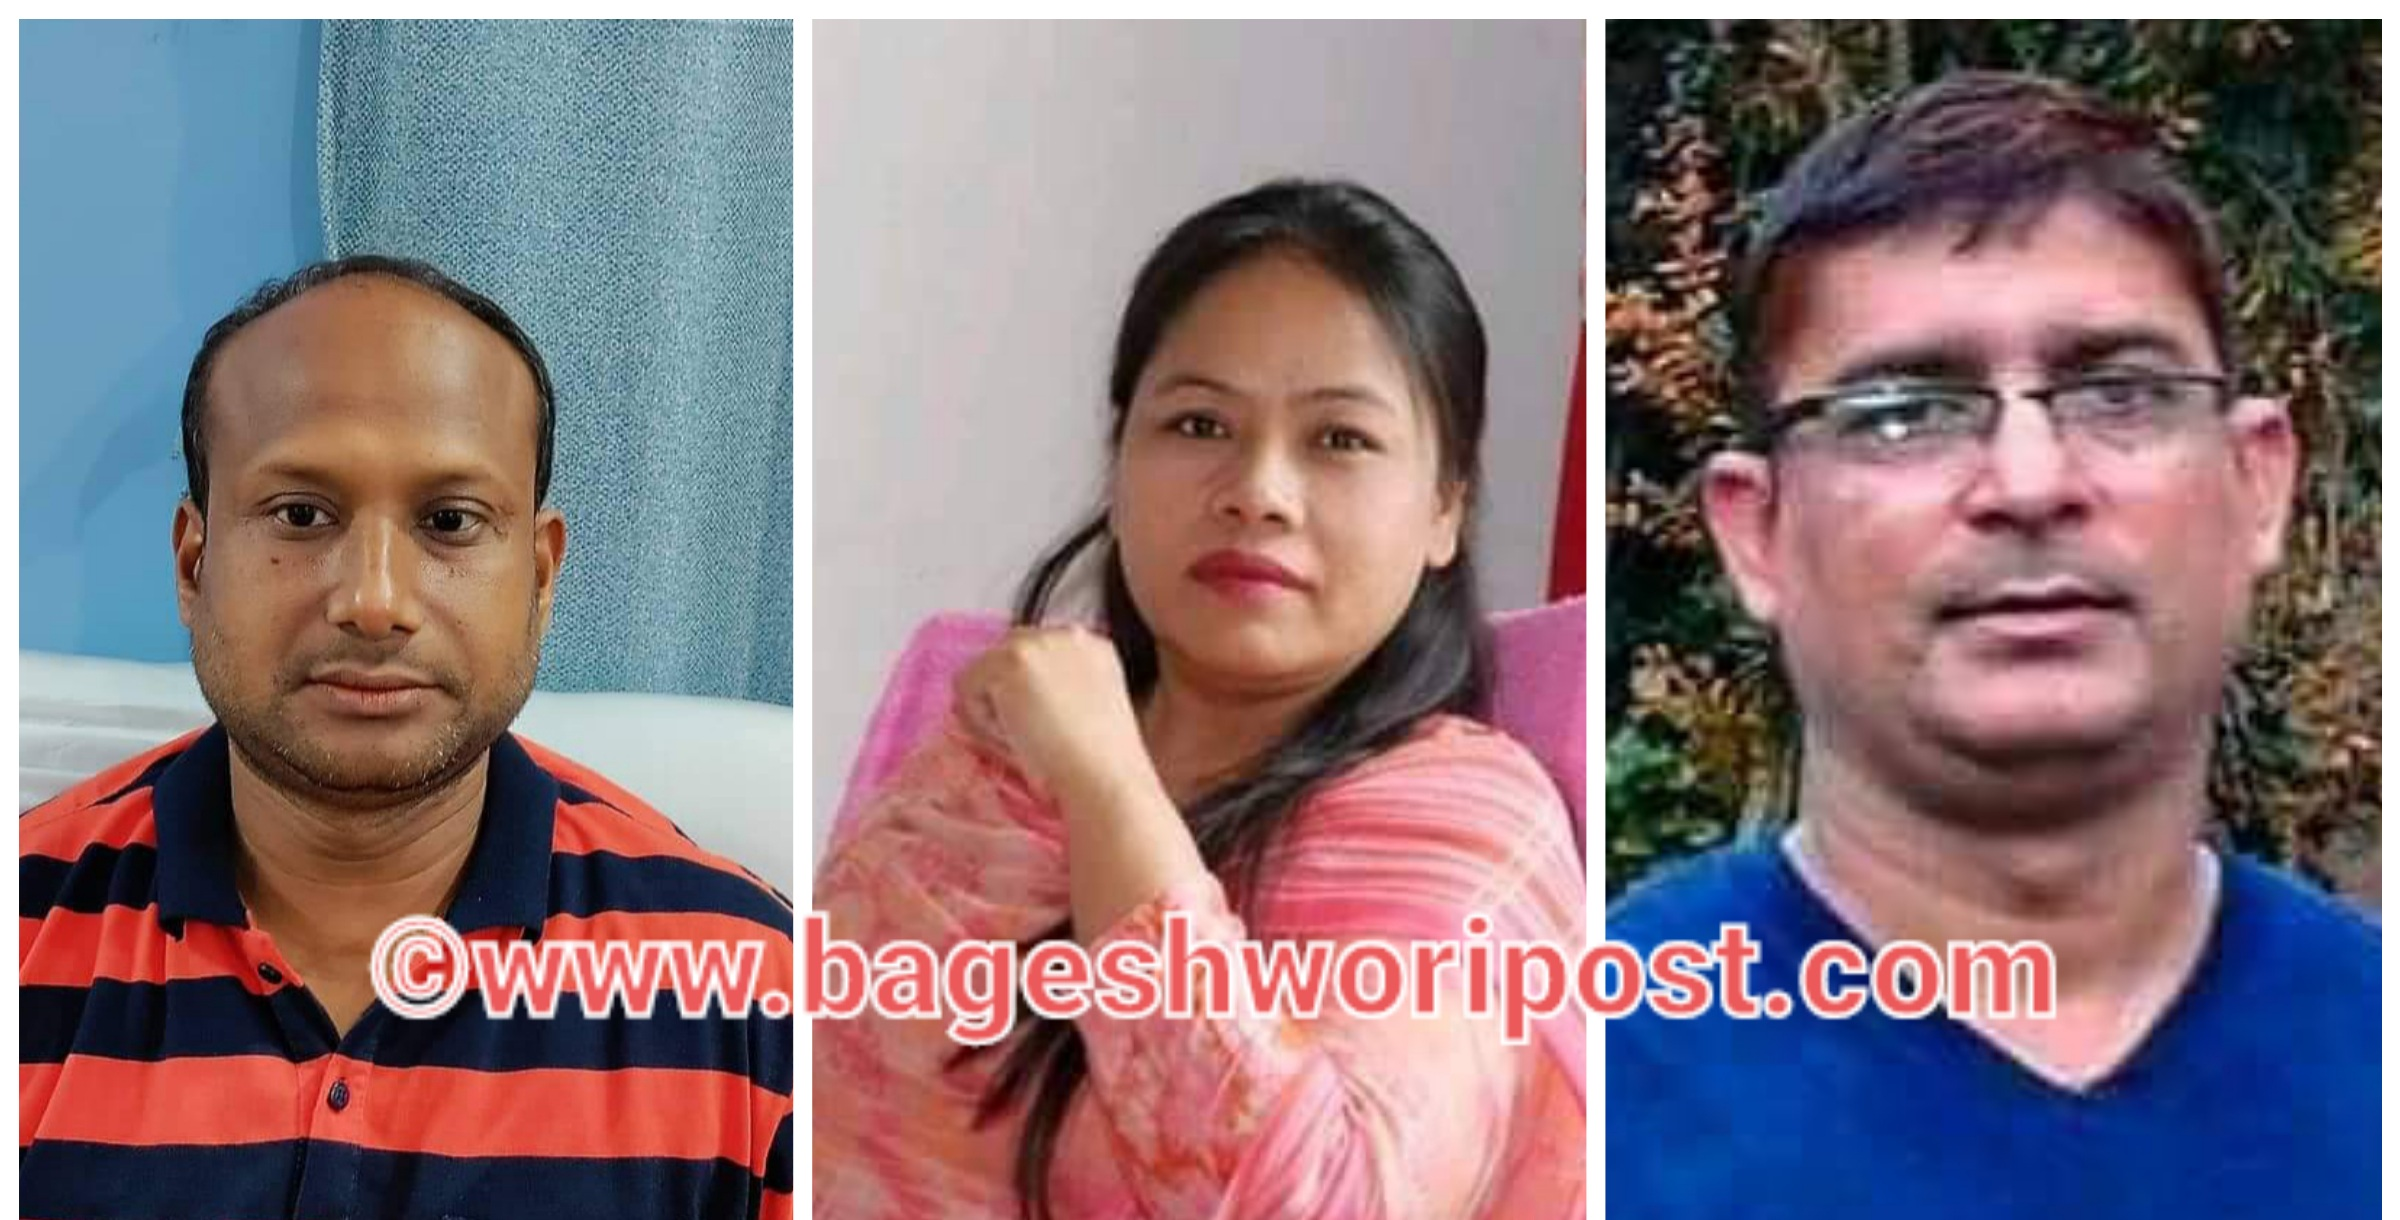 नेपालगञ्ज नगर हाँक्ने दौडमा कांग्रेसका तीन युवा